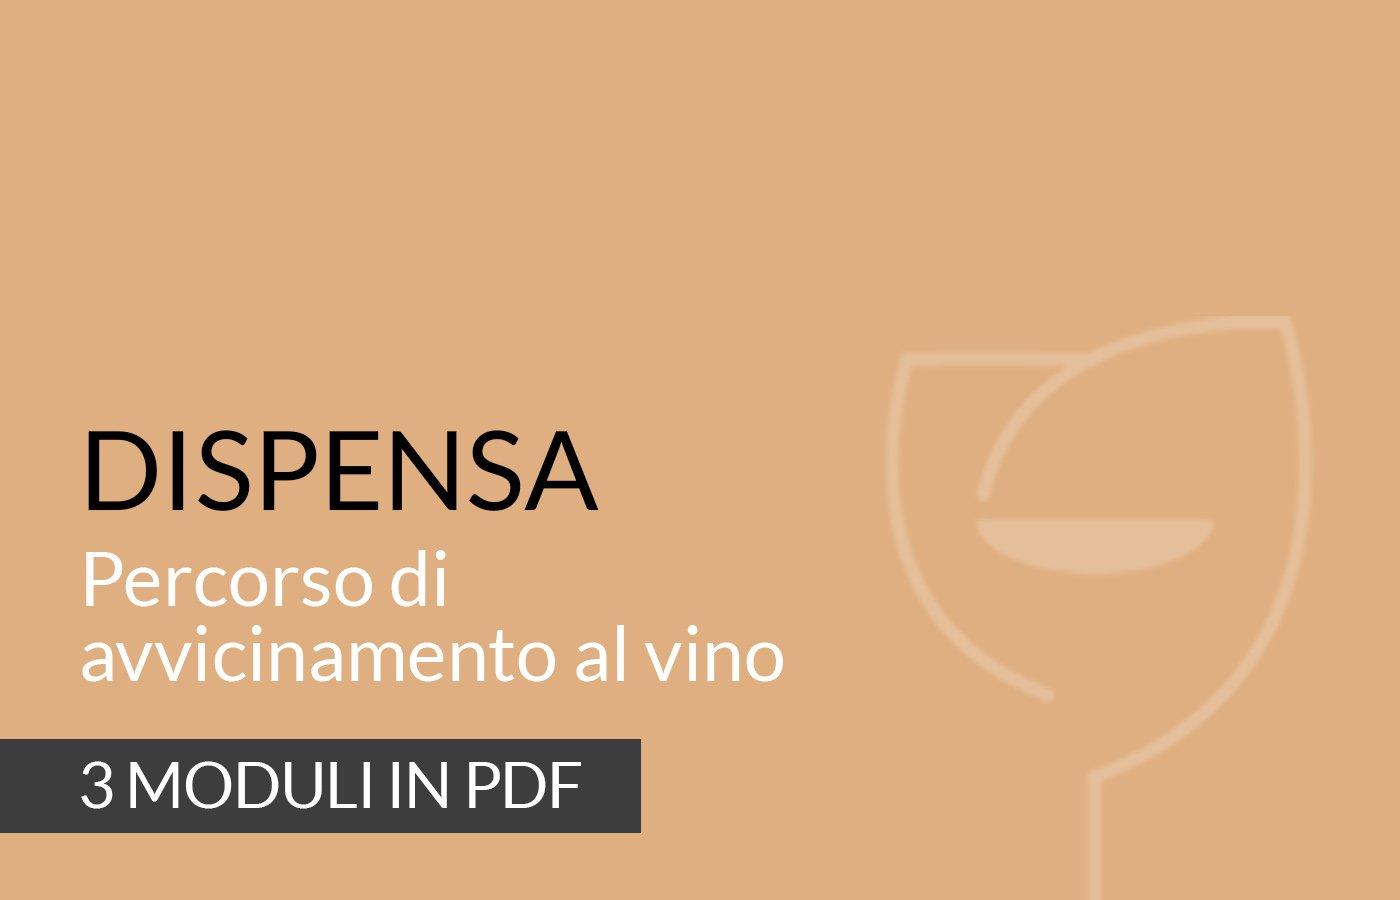 Dispensa Percorso di avvicinamento al vino